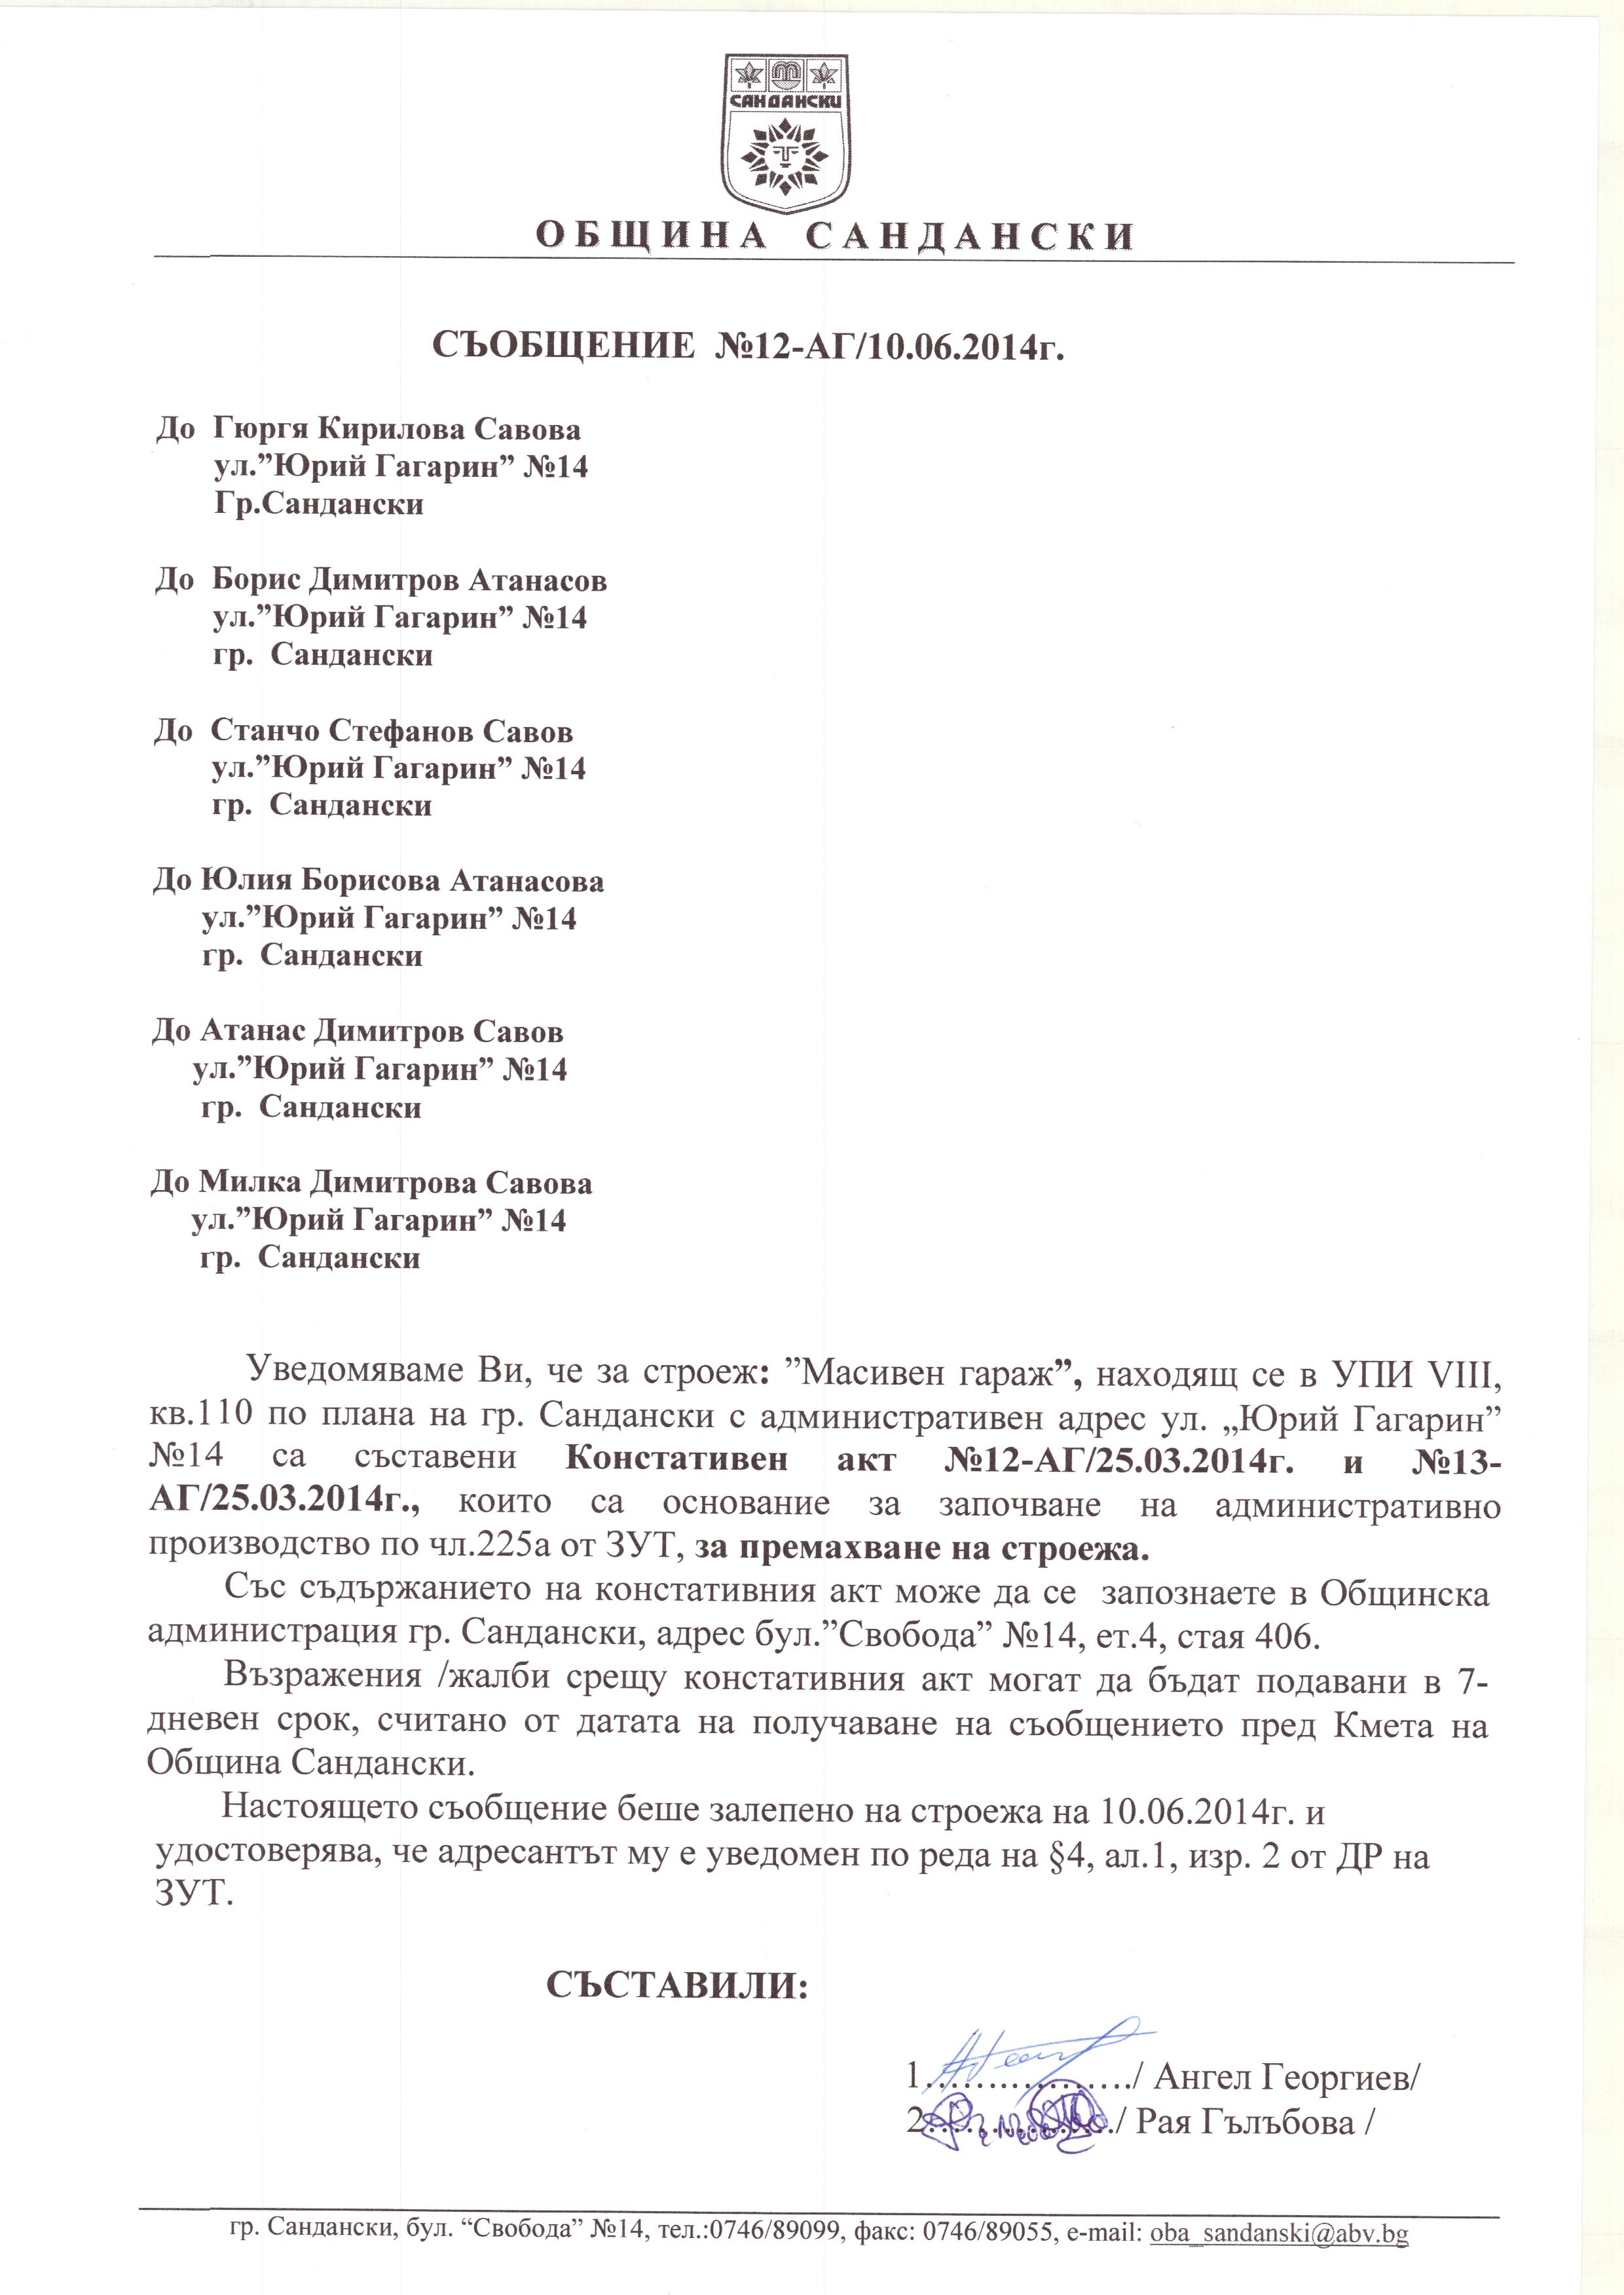 Saobshtenie 17RG-10.06.2014